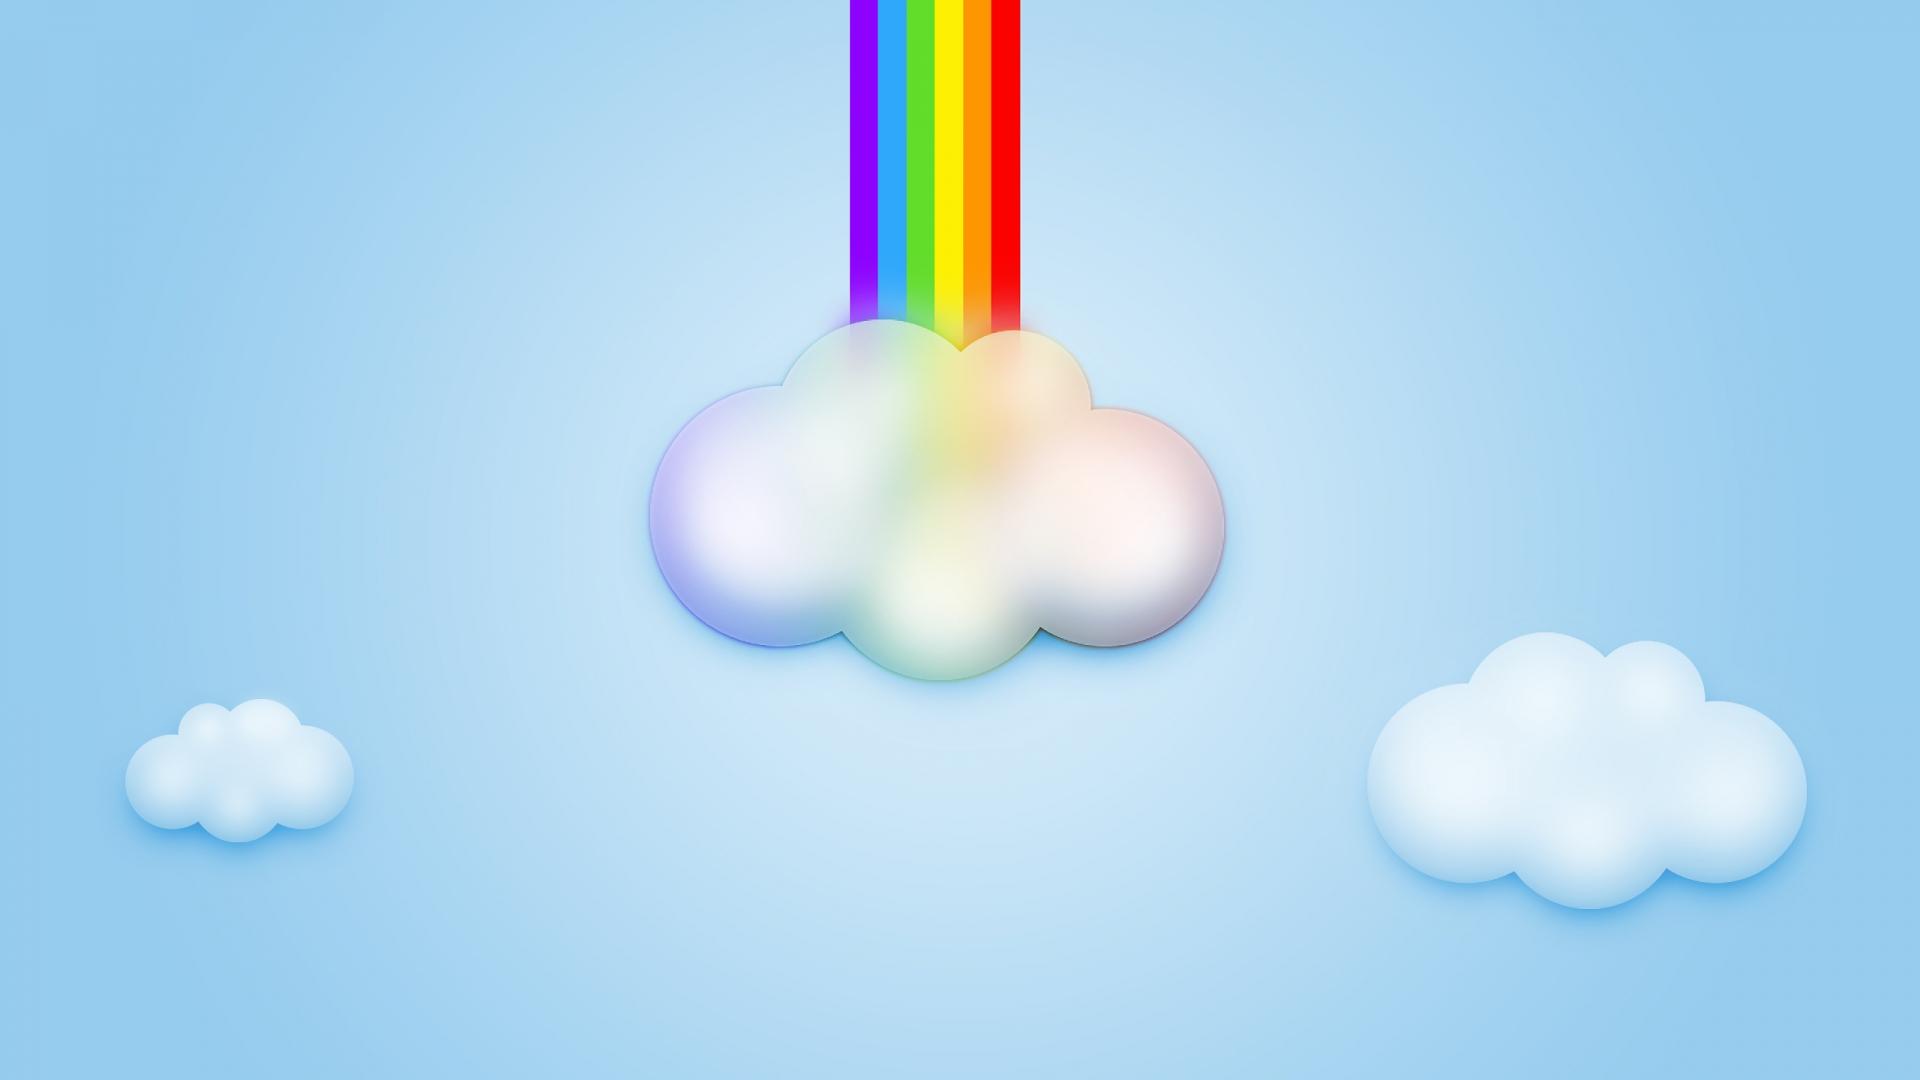 небо, sky wallpaper, облако, радуга выходит из облака, скачать фото